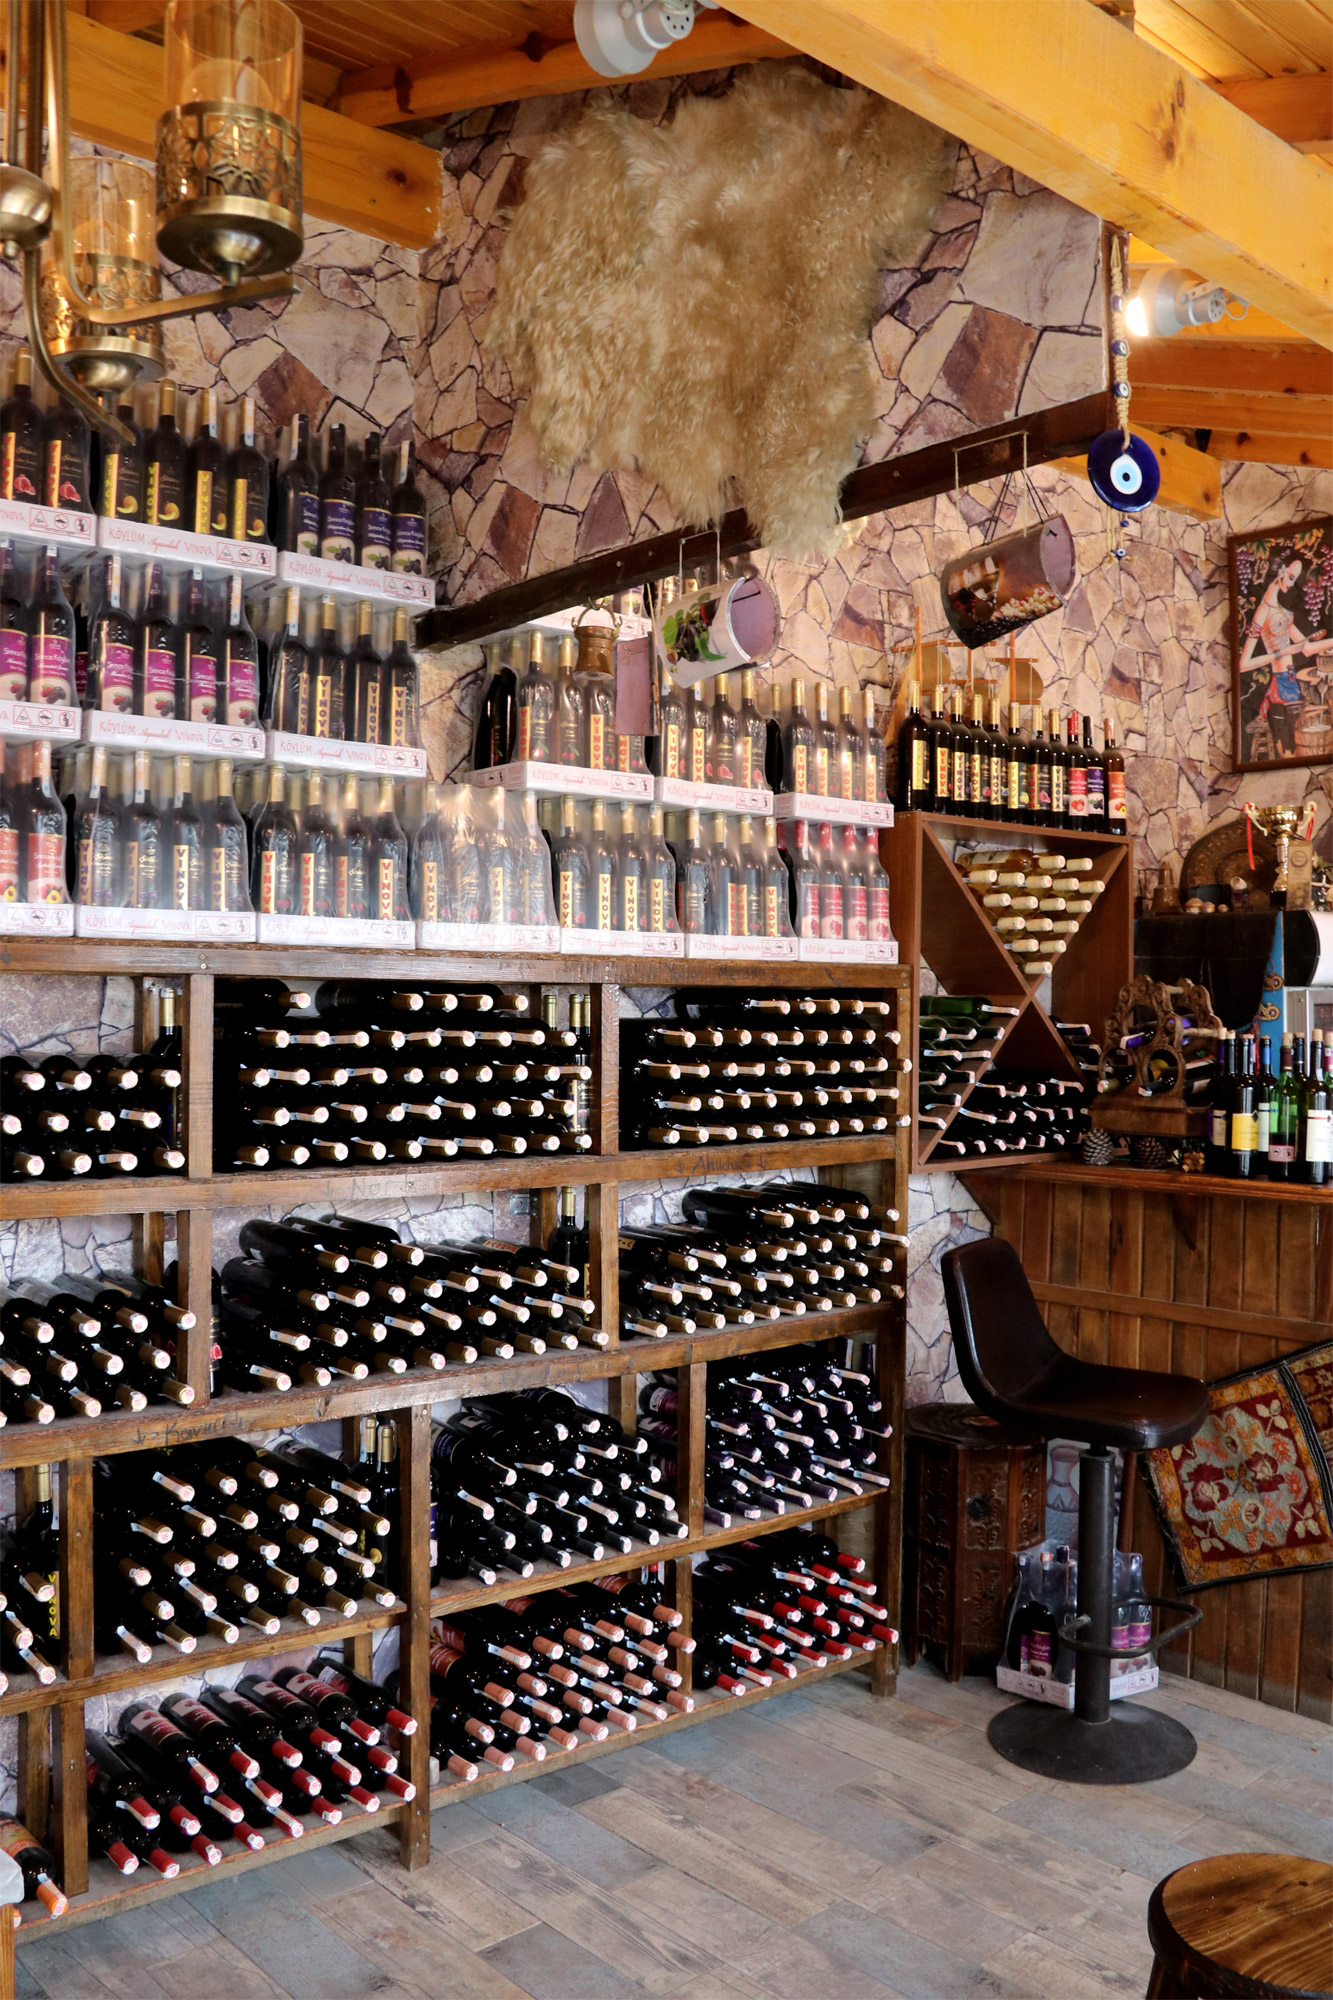 Turkije reisverslag: Efeze en Şirince - De wijn van Şirince